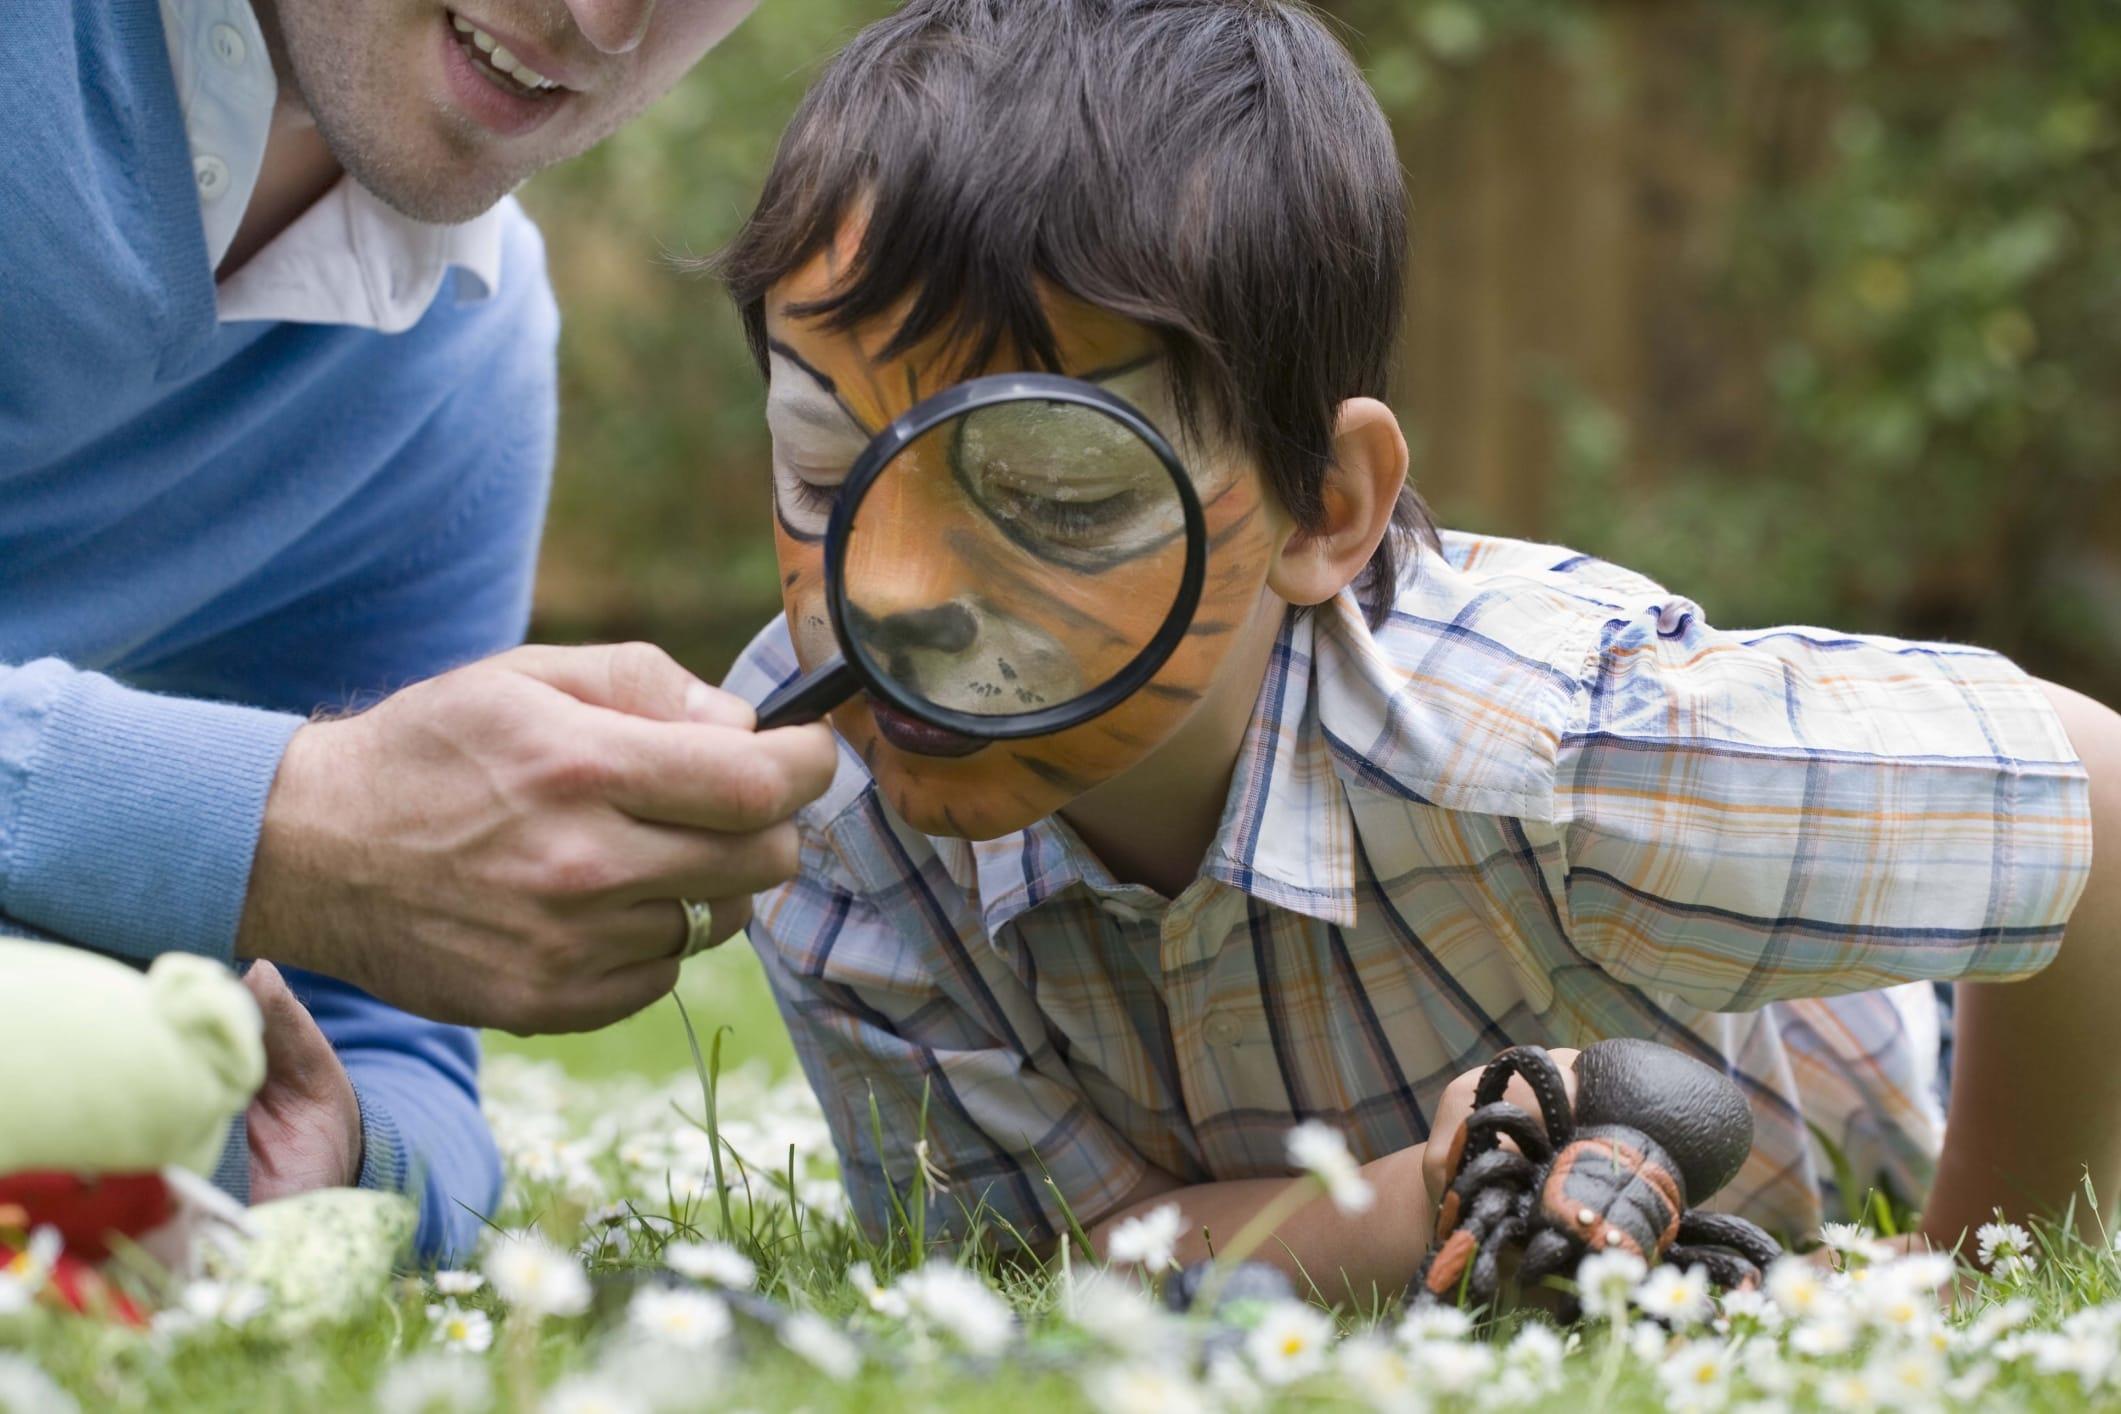 Giochi Da Fare In Giardino giochi da fare in giardino per bambini - non sprecare